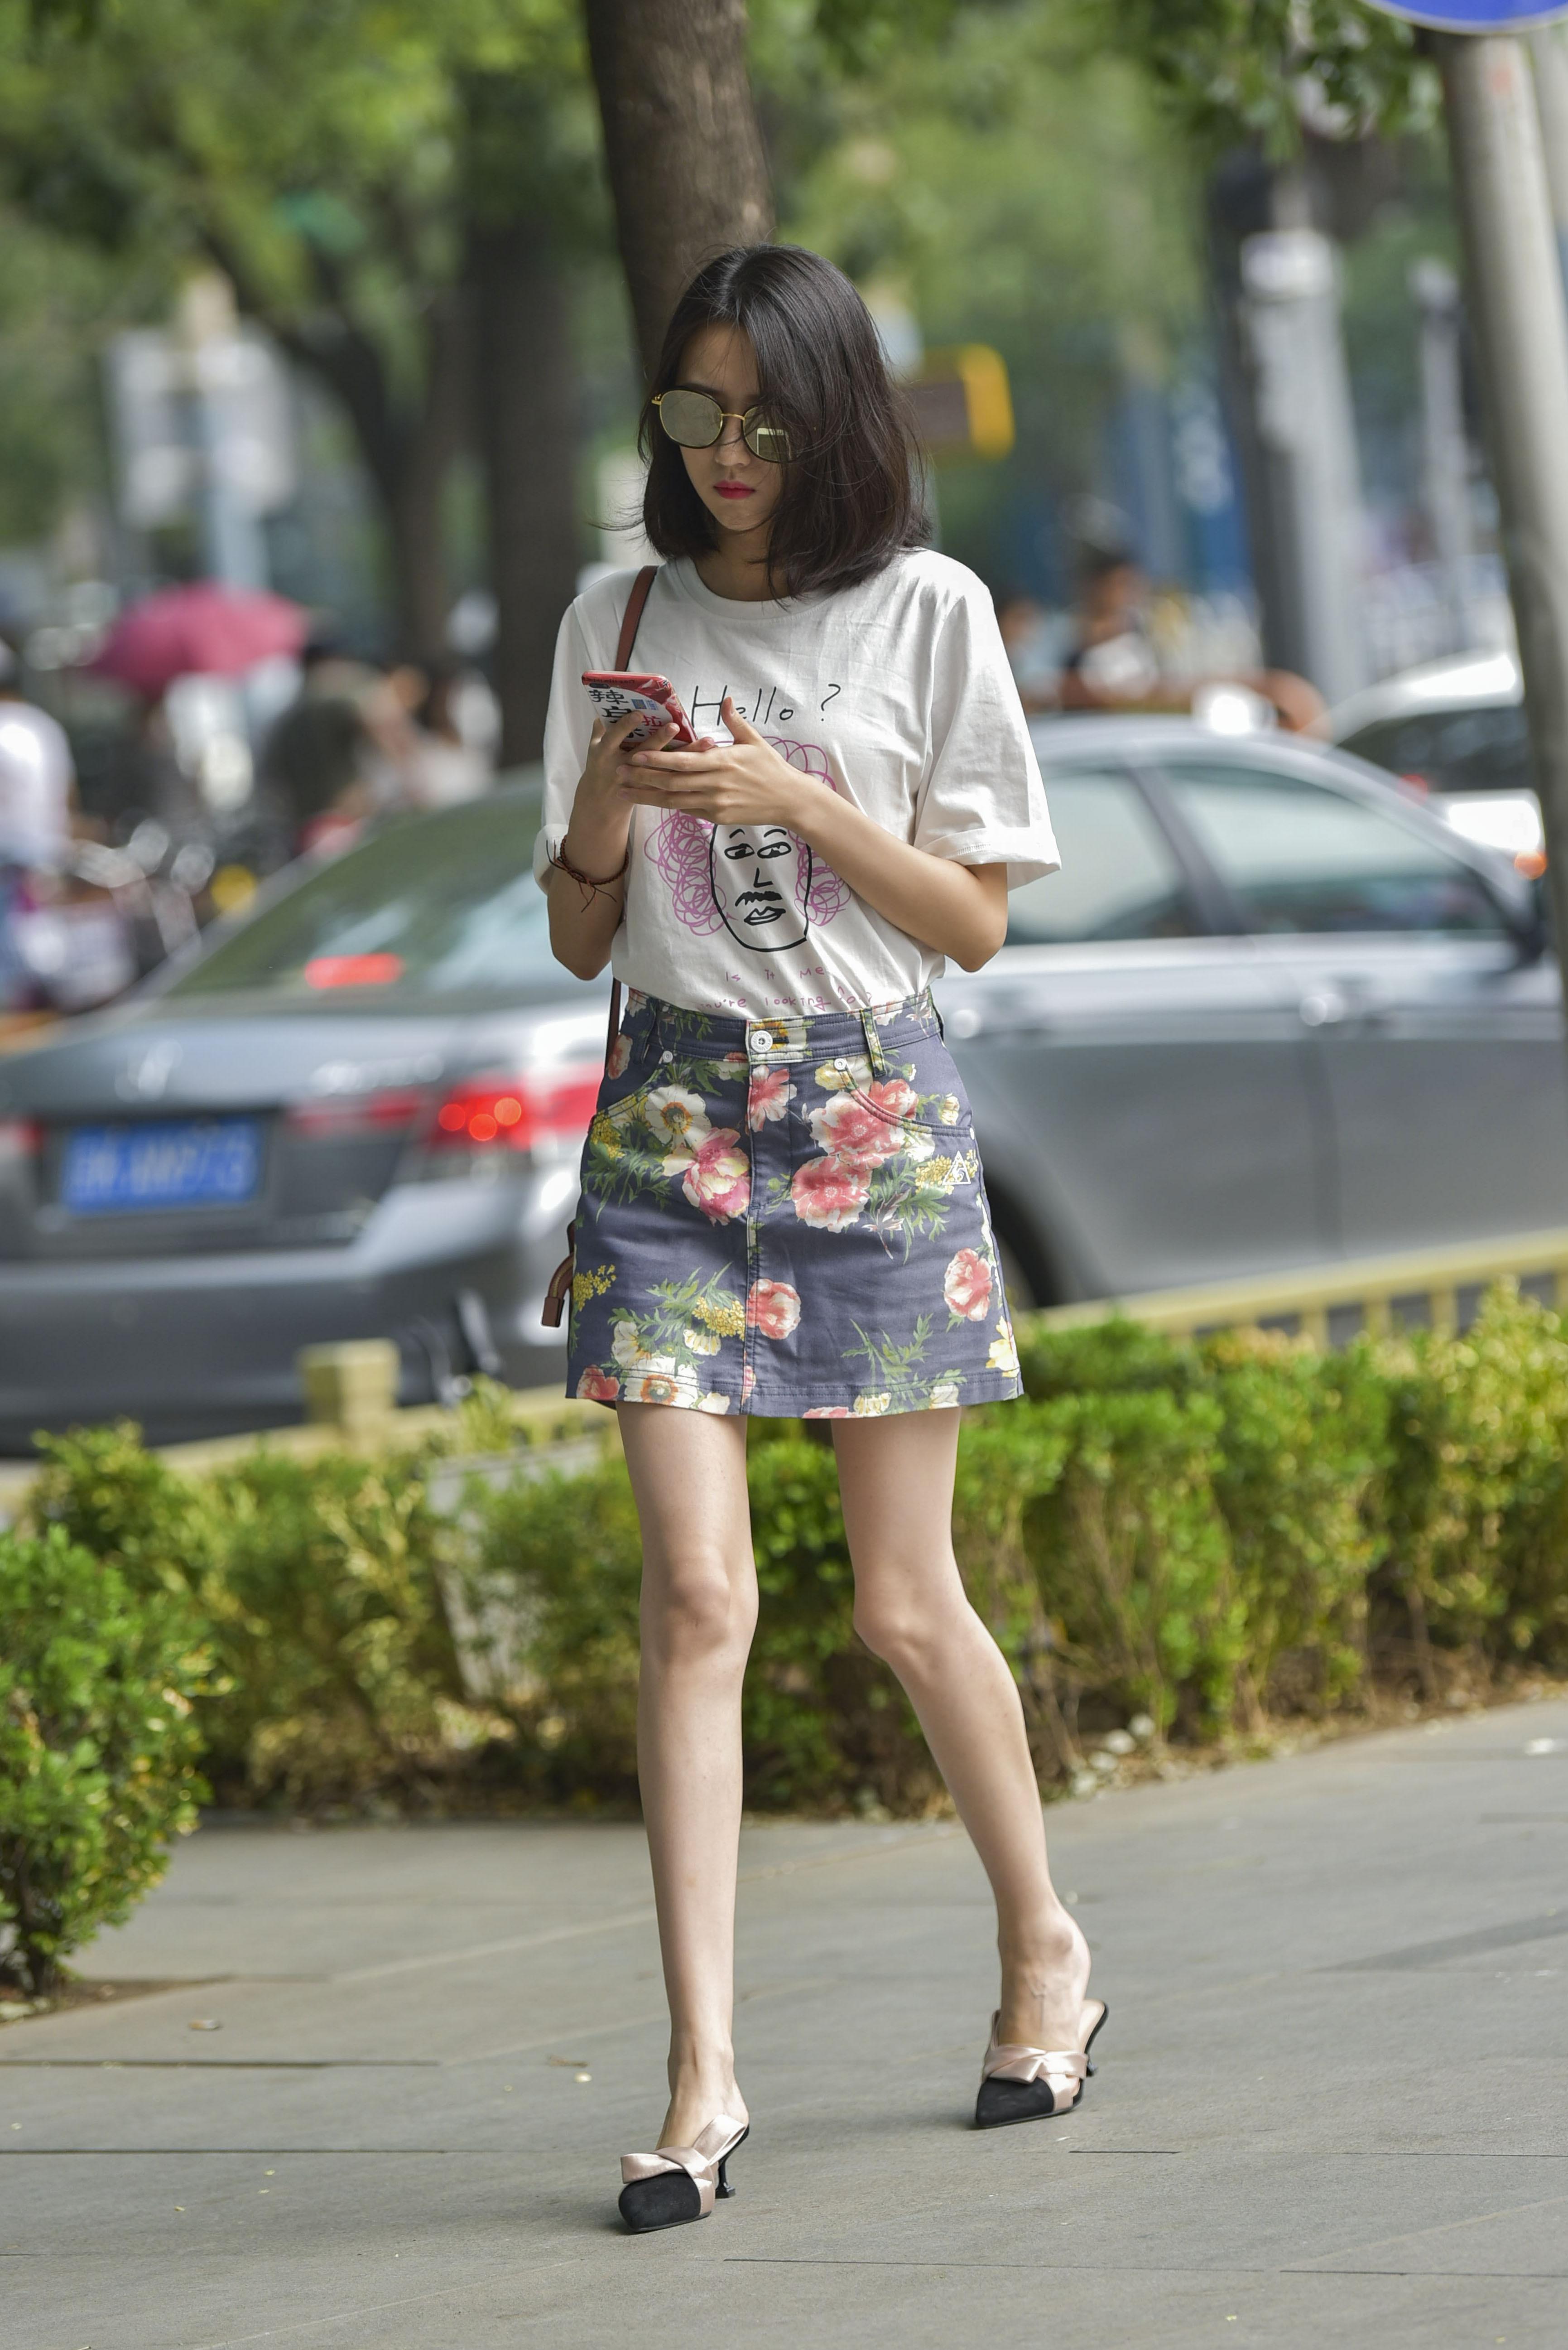 街拍联盟:性感短裙骨感长腿美女,高跟鞋看起来特别舒服